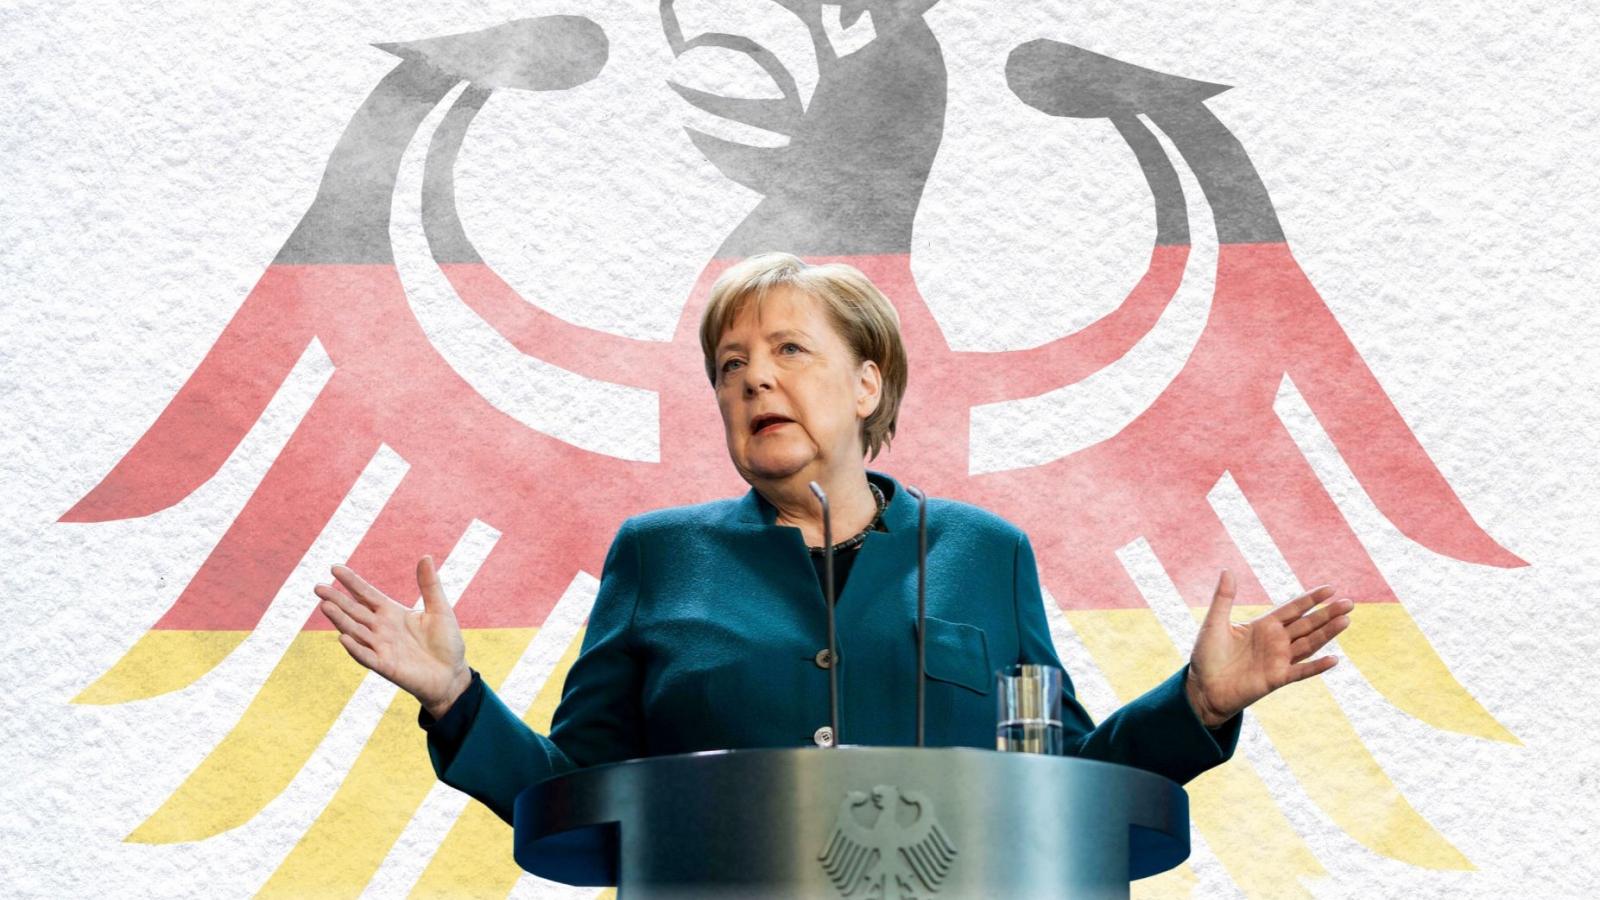 Nhìn lại cuộc đời và sự nghiệp của Thủ tướng Đức Angela Merkel